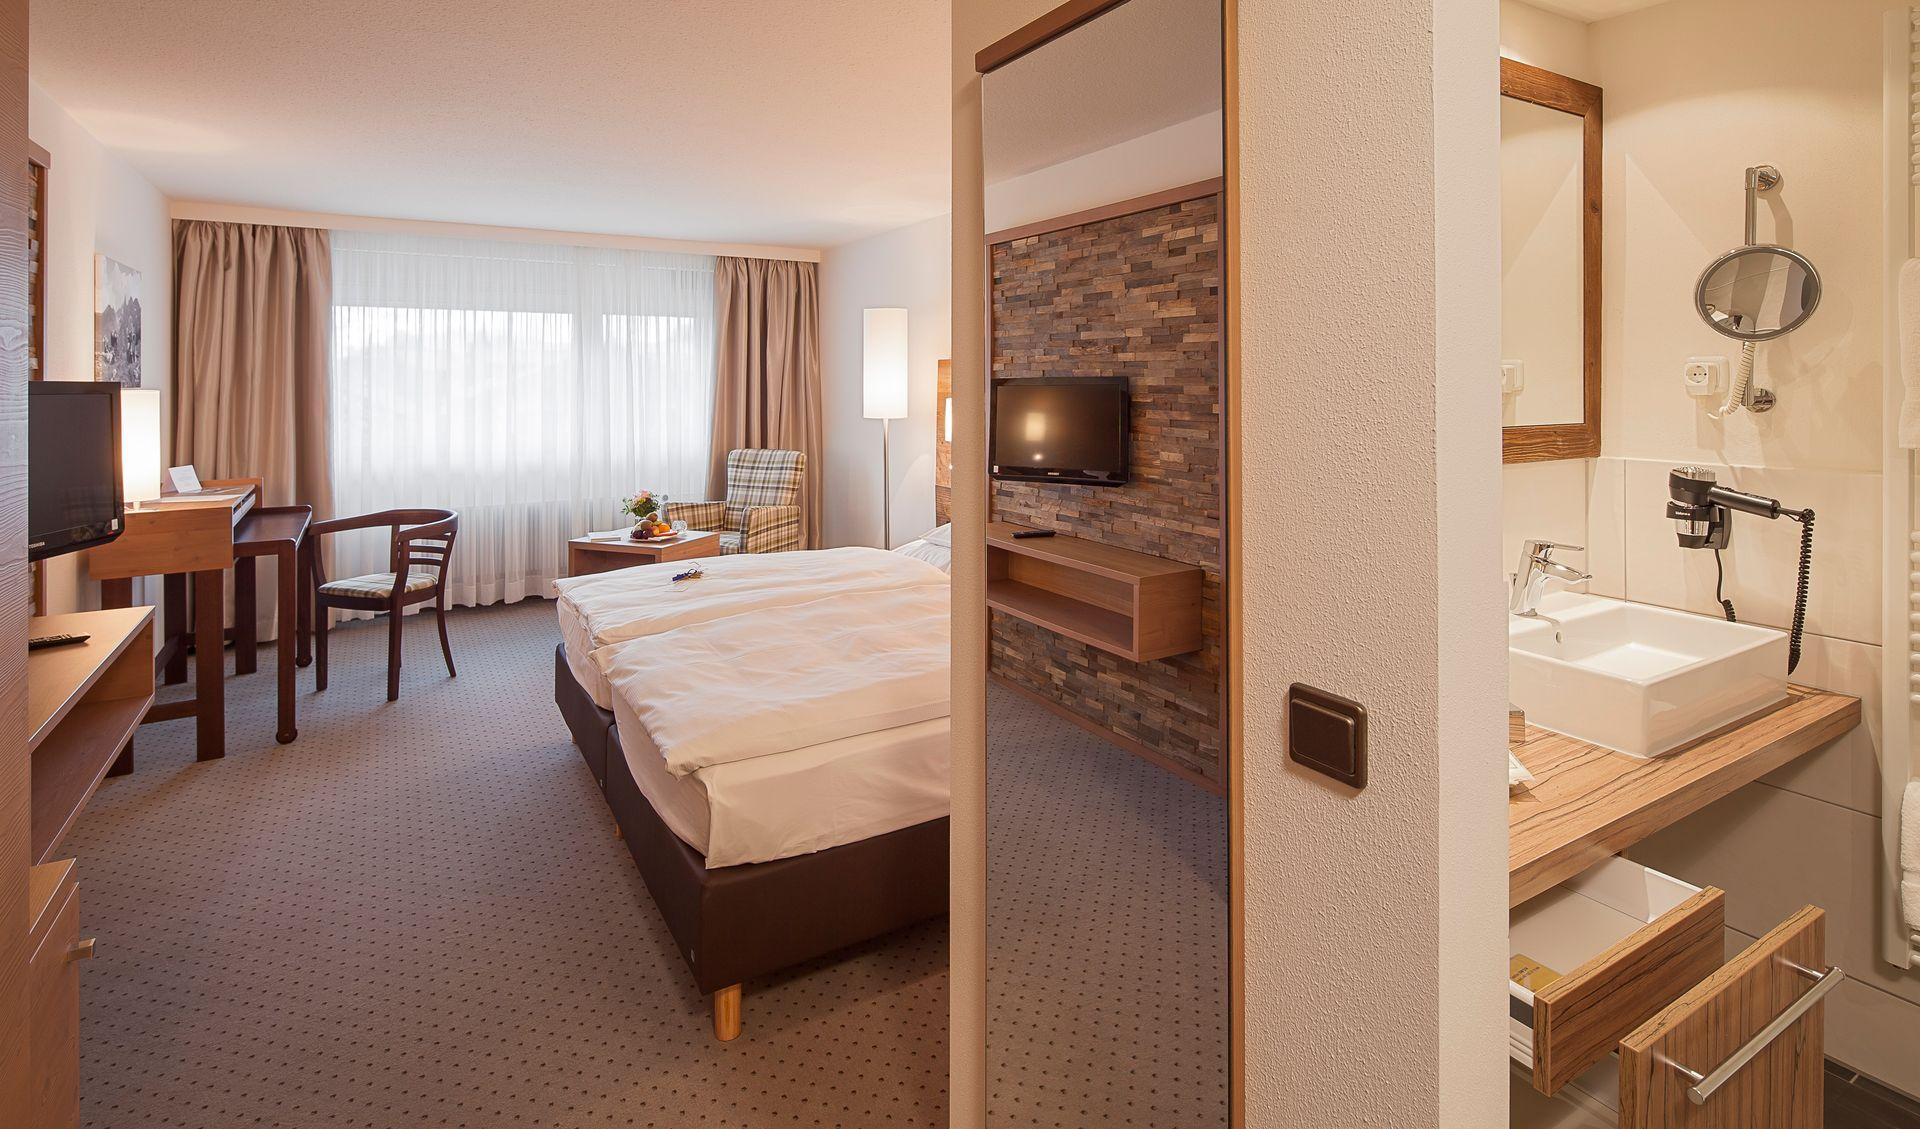 johannisbeere sch le 39 s gesundheitsresort spa. Black Bedroom Furniture Sets. Home Design Ideas